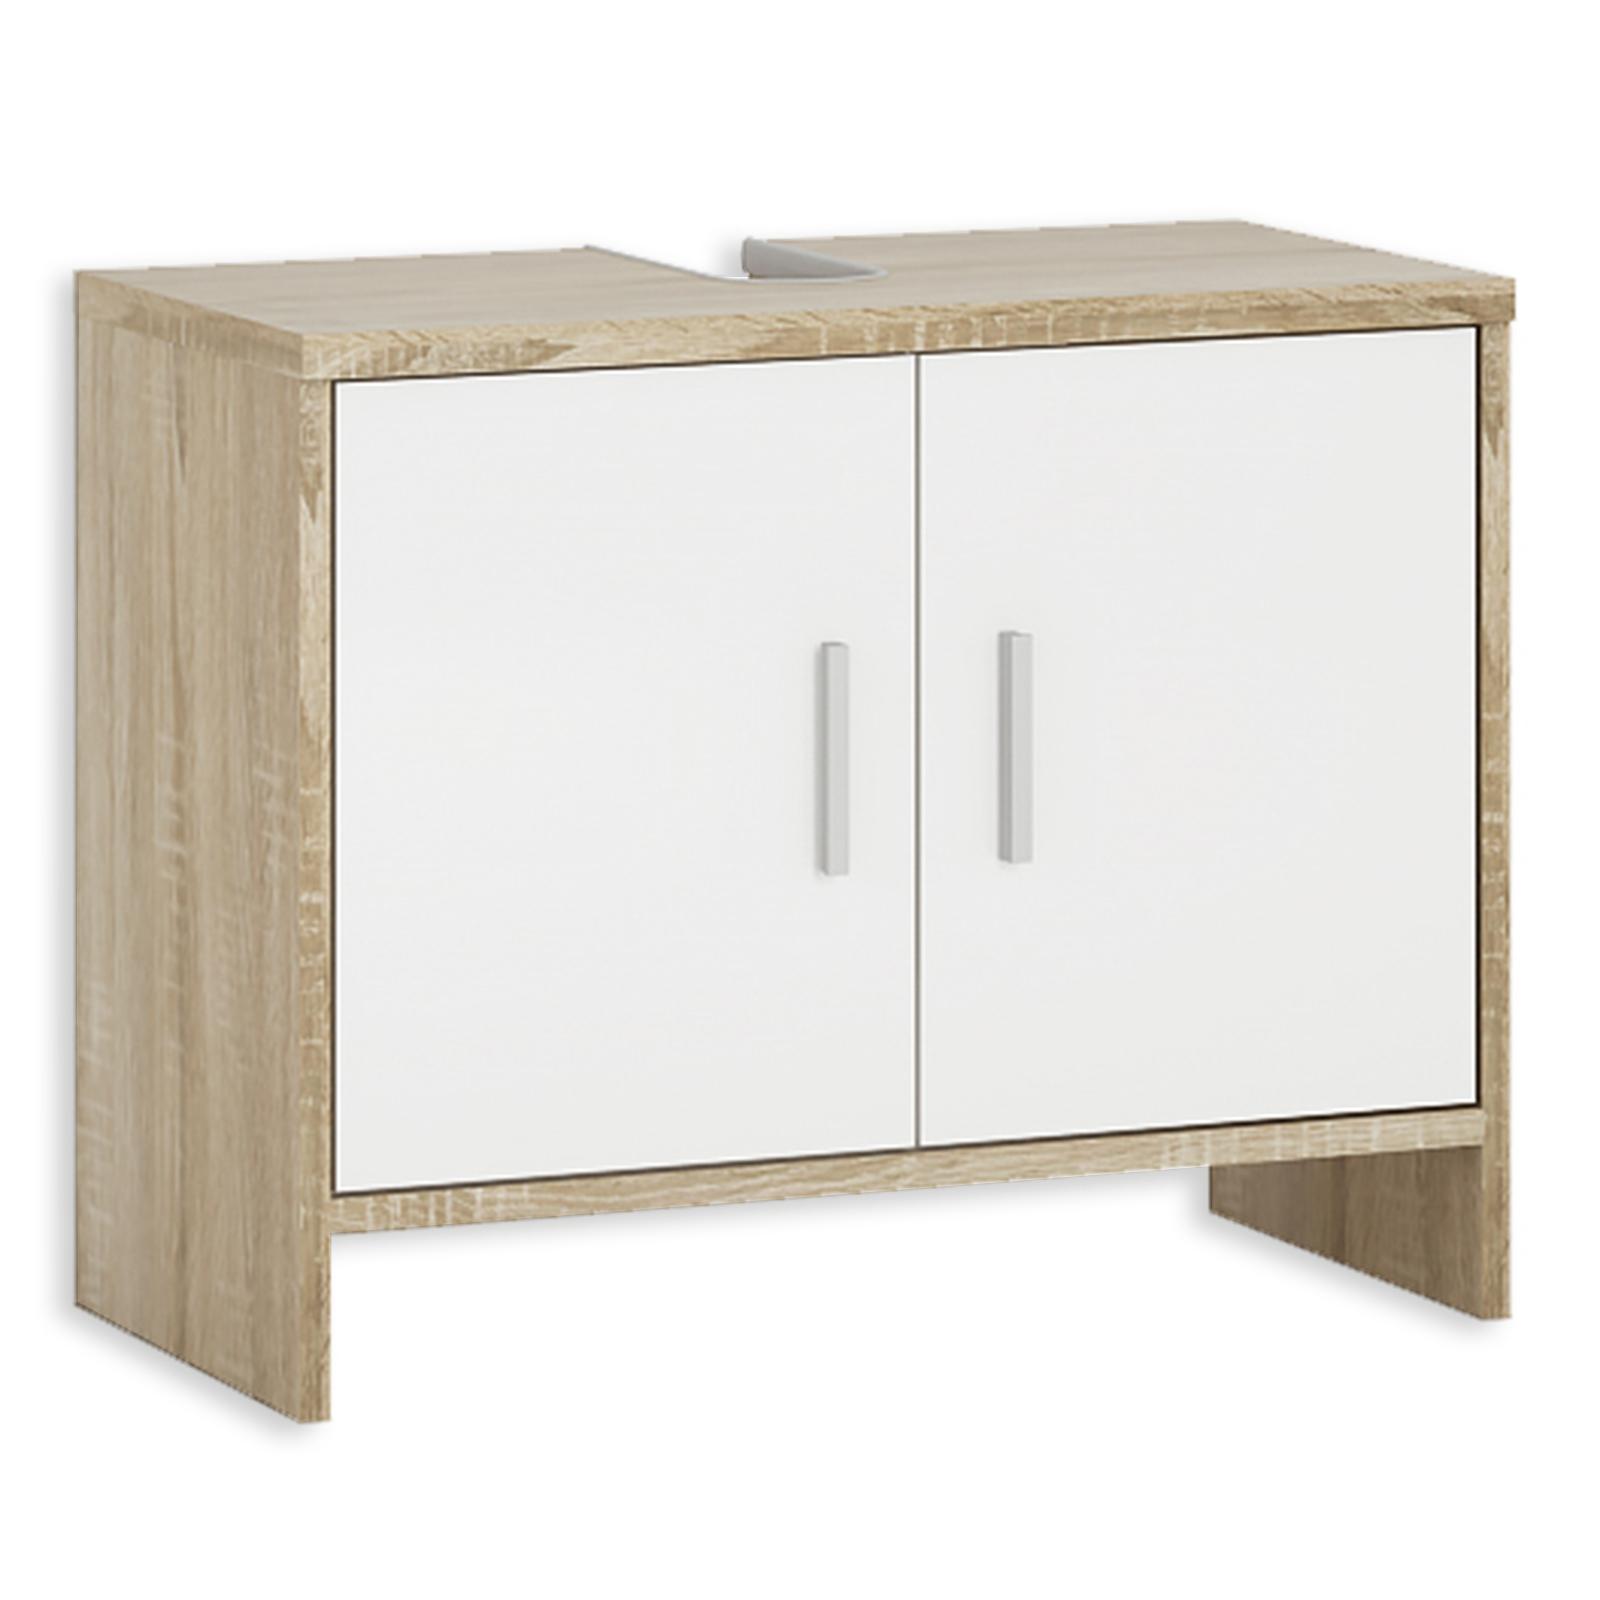 Waschbeckenunterschrank - weiß-Sonoma Eiche - 18 cm breit